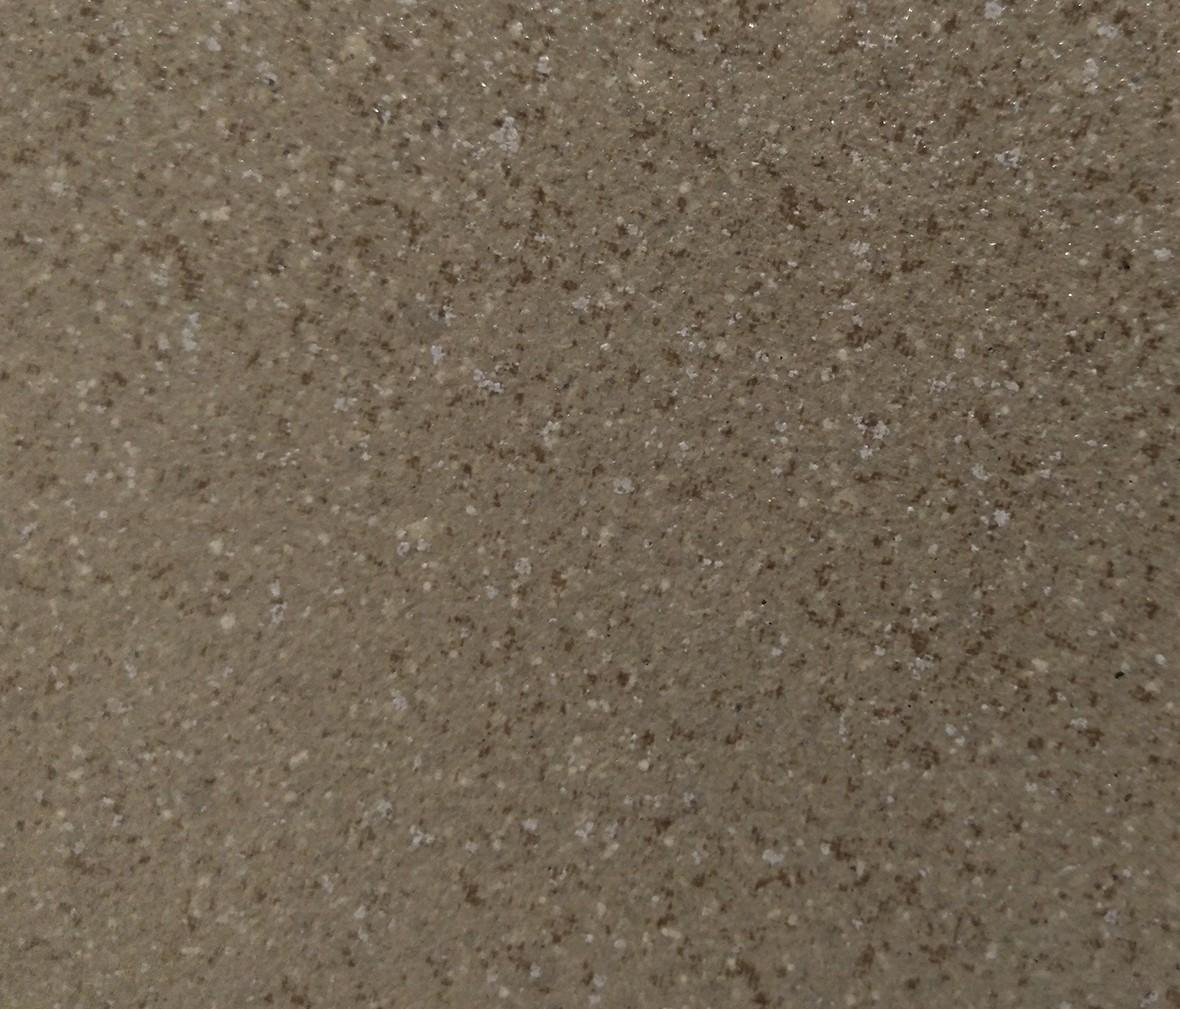 达米雅瓷砖 DE6305型号通体砖釉面砖 瓷土材质绿色环保 图片、价格、品牌、评测样样齐全!【蓝景商城正品行货,蓝景丽家大钟寺家居广场提货,北京地区配送,领券更优惠,线上线下同品同价,立即购买享受更多优惠哦!】